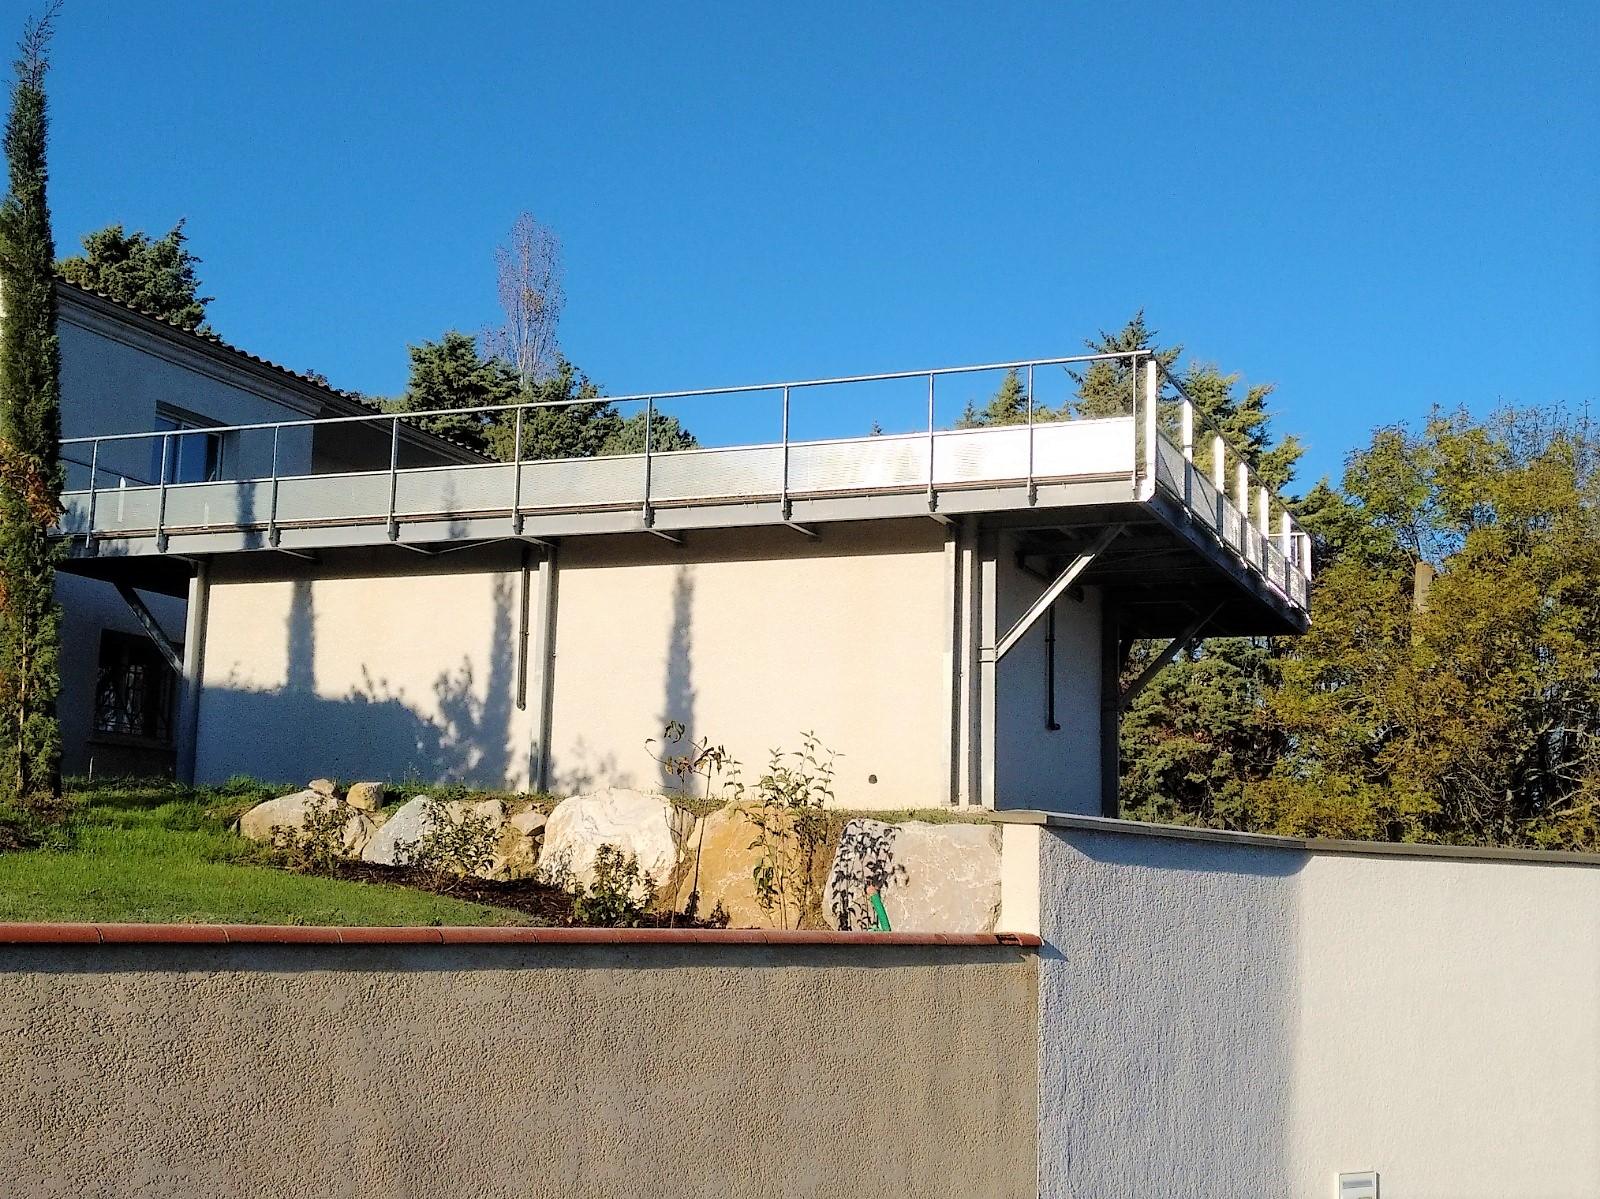 https://0501.nccdn.net/4_2/000/000/001/4e0/terrasse-piscine.jpg